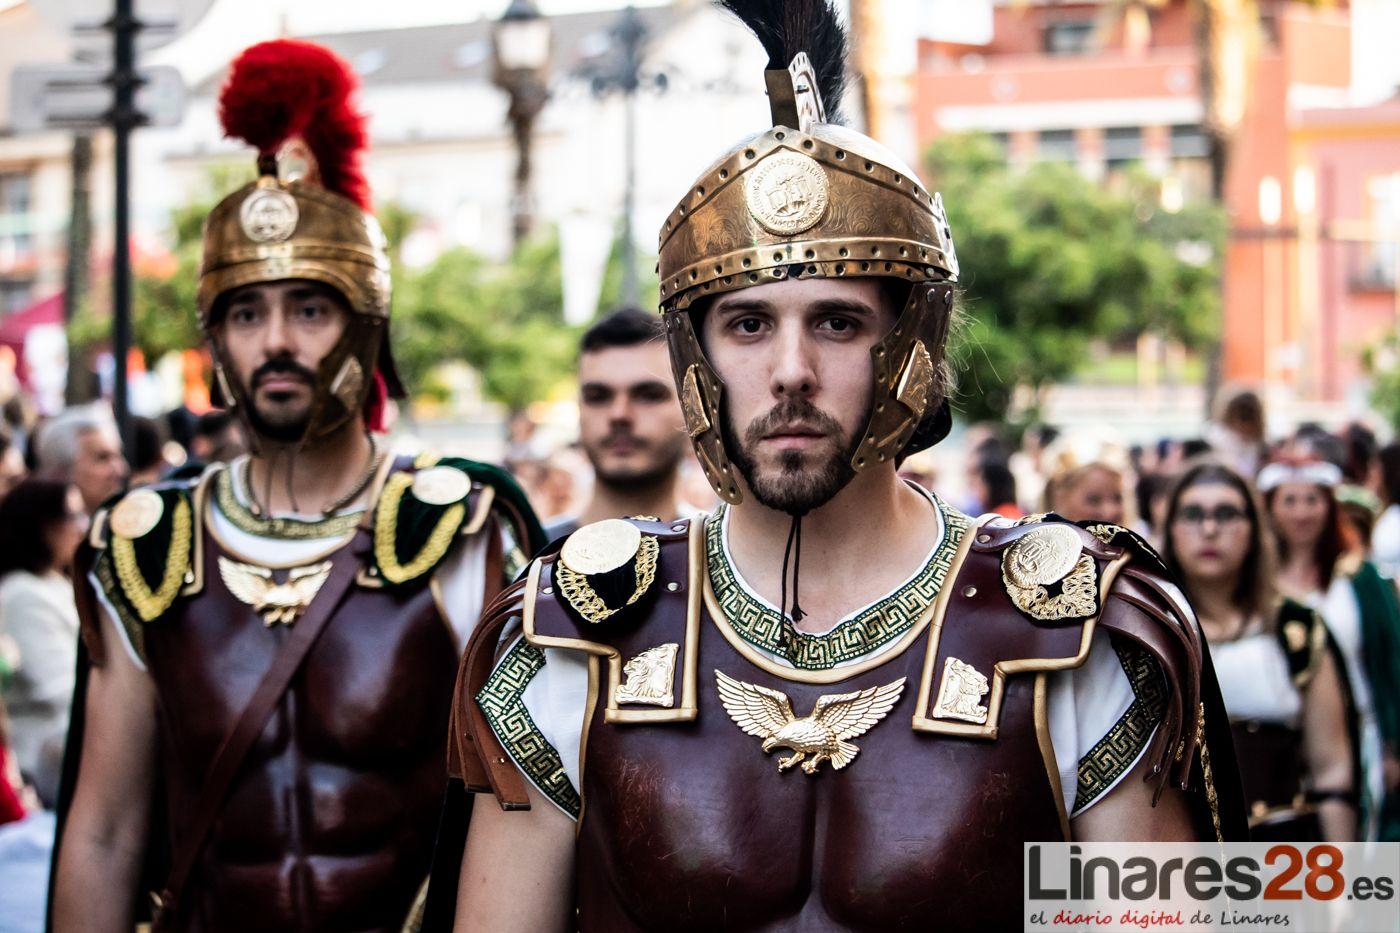 VÍDEO | Las tropas íberas, cartaginesas y romanas entran en Linares